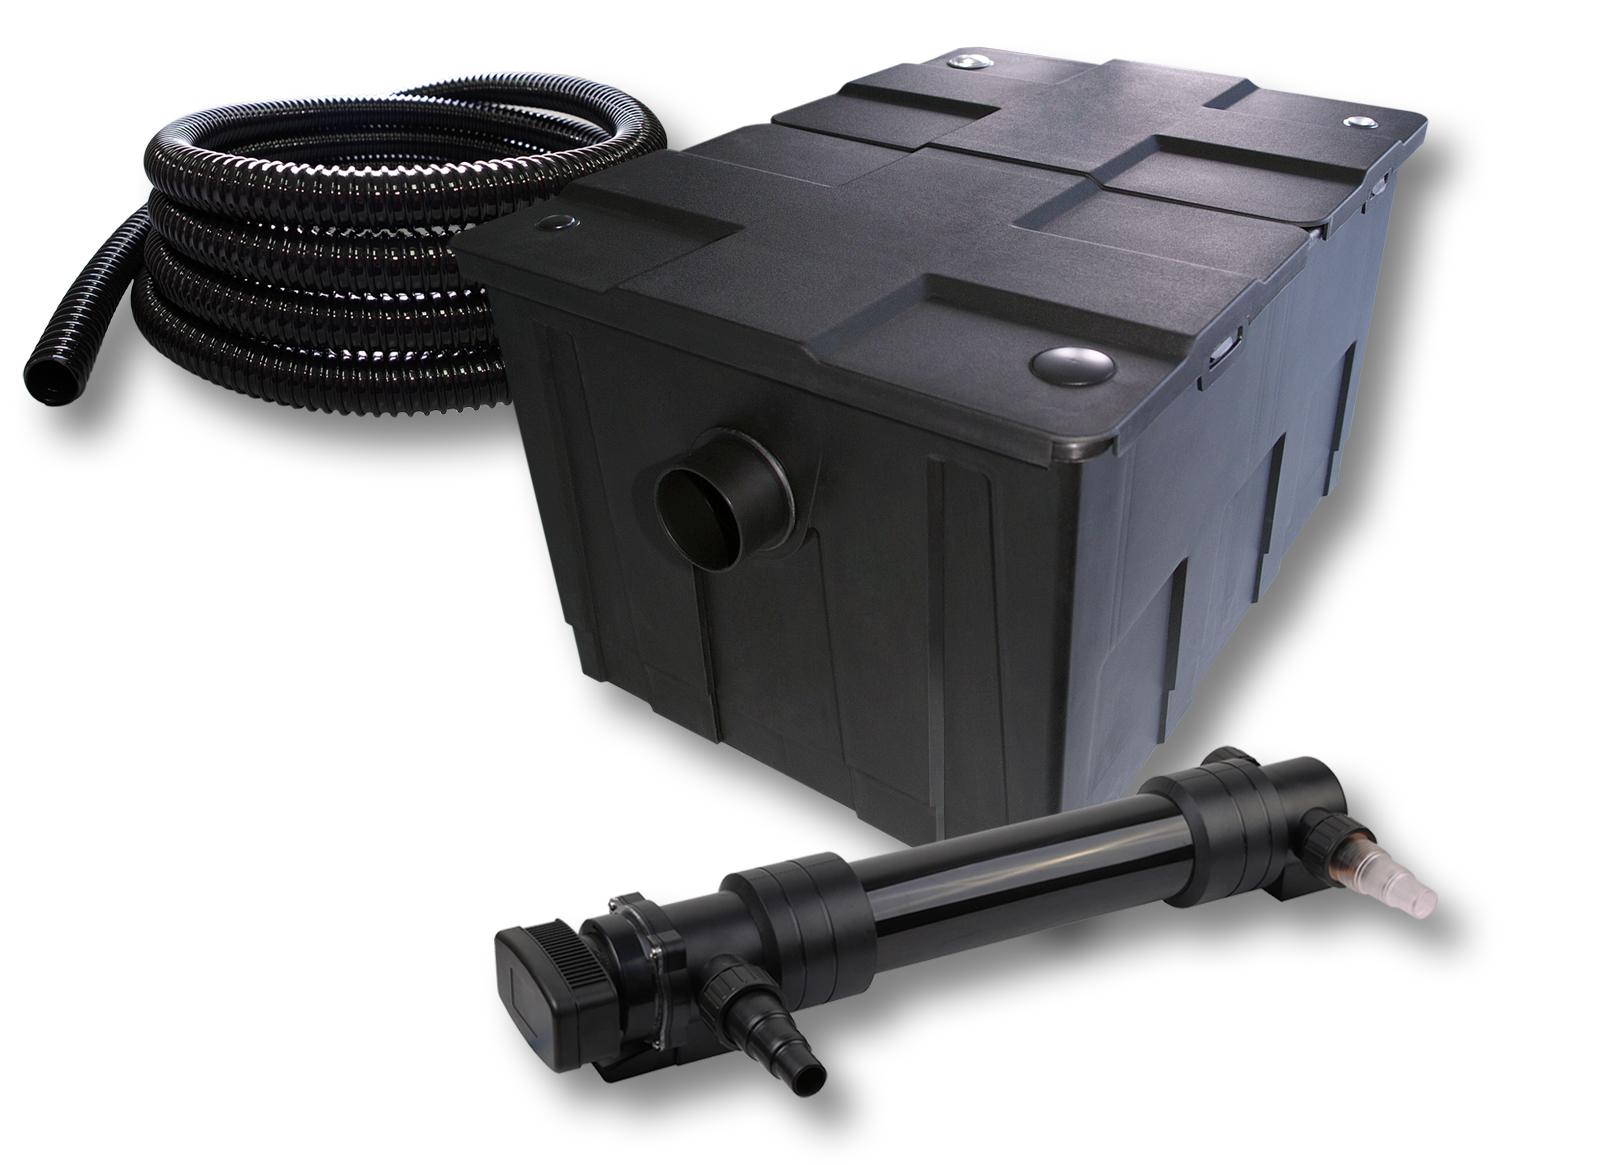 ttsunsun 1 kammer filter set 60000l mit 36w uv 6er serie teich kl rer 5m schlauc ebay. Black Bedroom Furniture Sets. Home Design Ideas